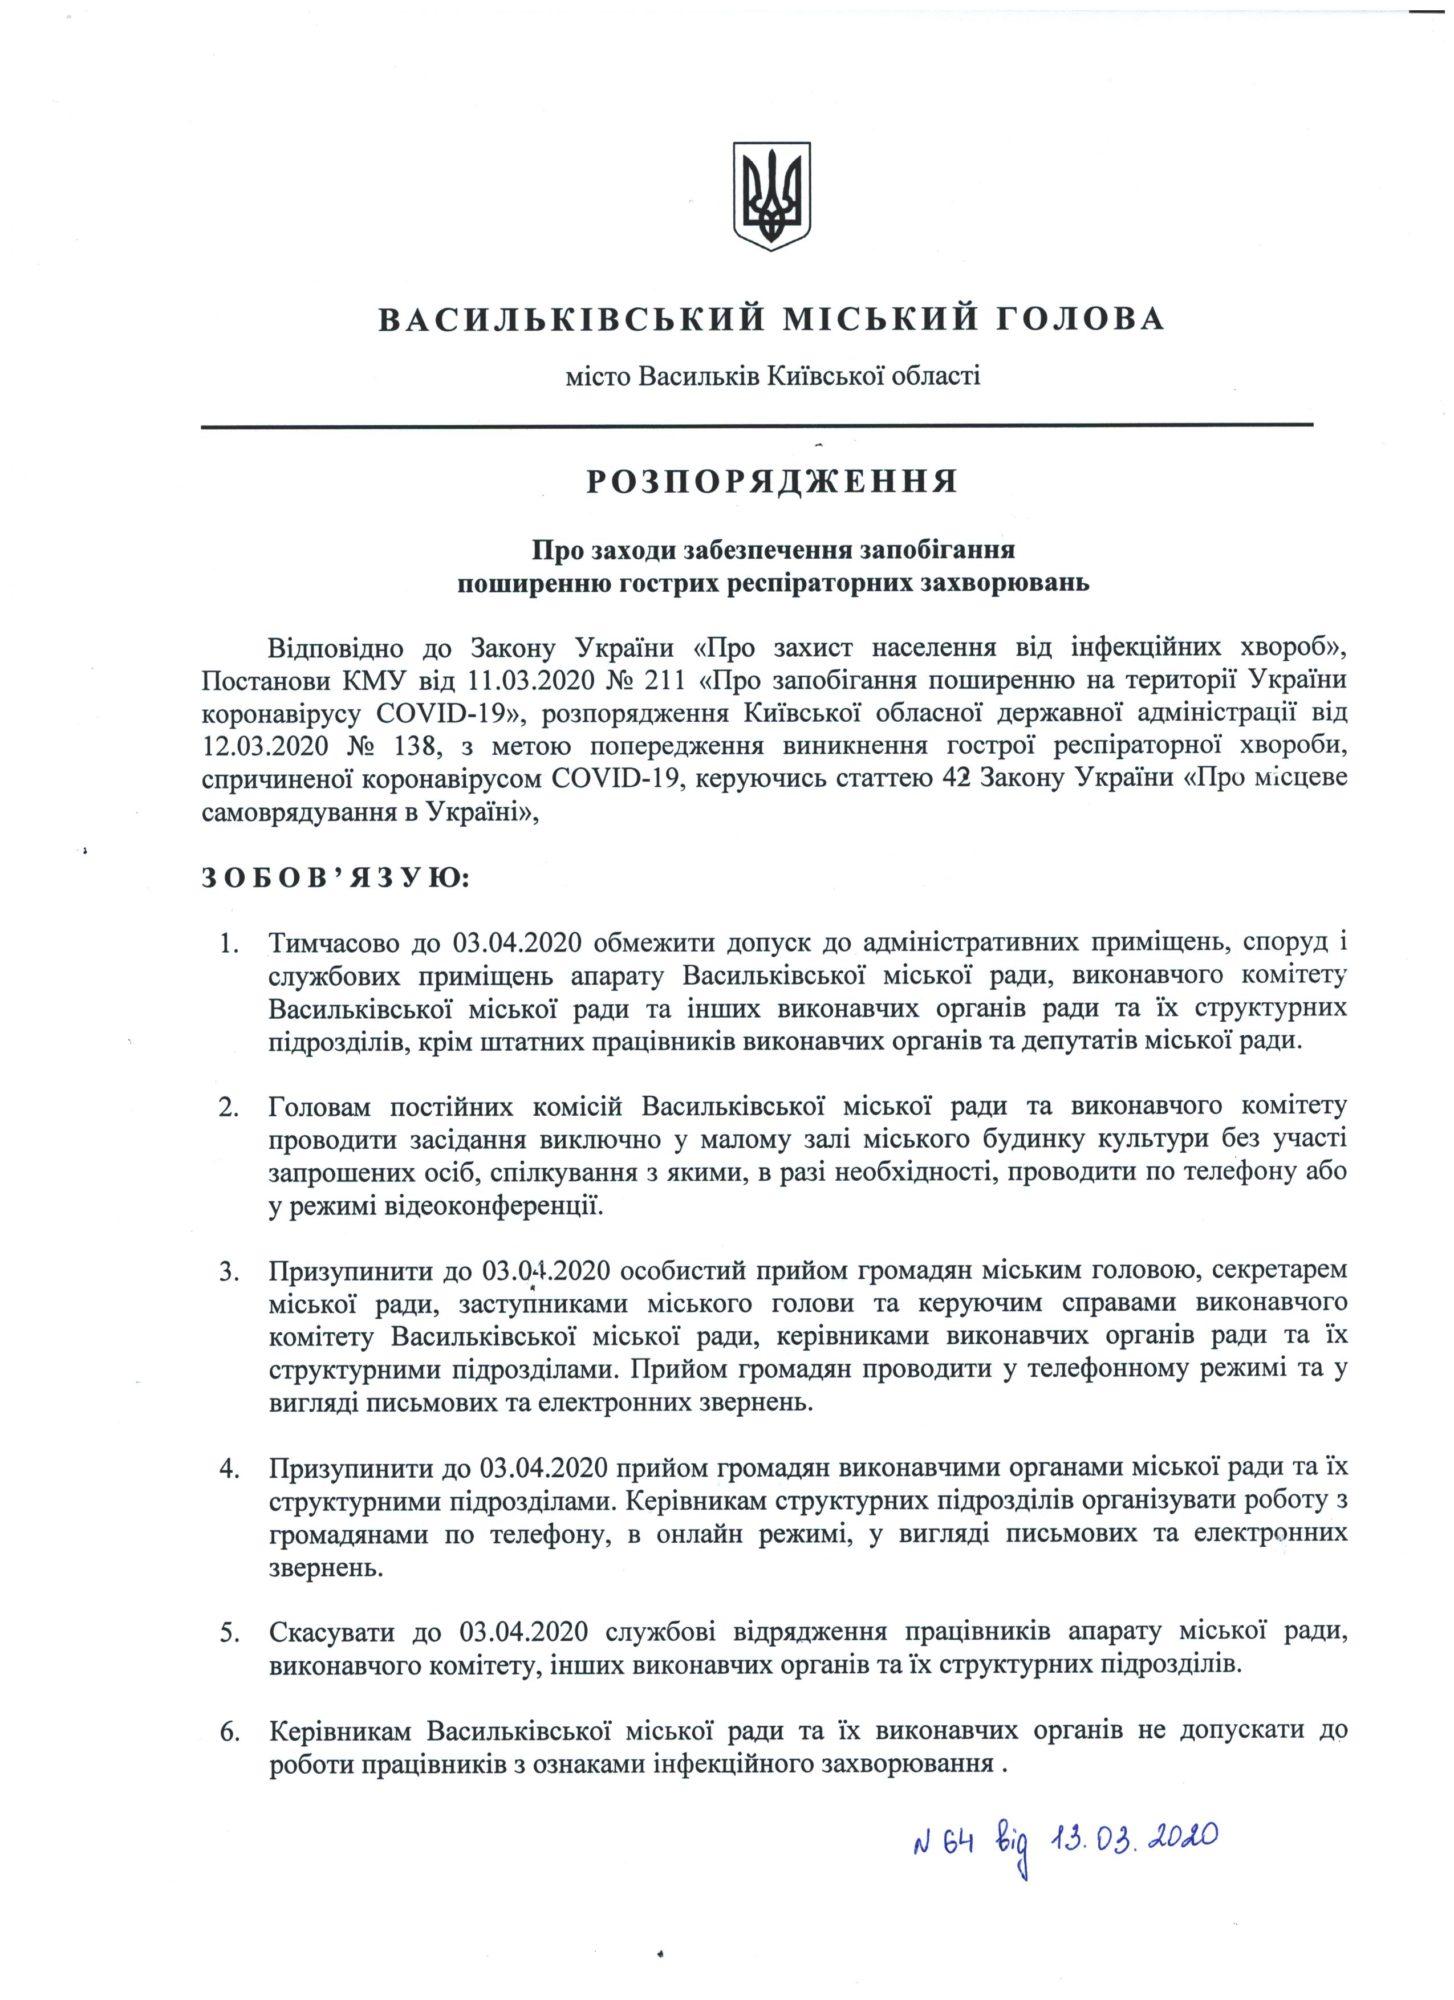 У Василькові призупинено прийом громадян у держустановах - карантин - da86b6fbfd2e 1454x2000